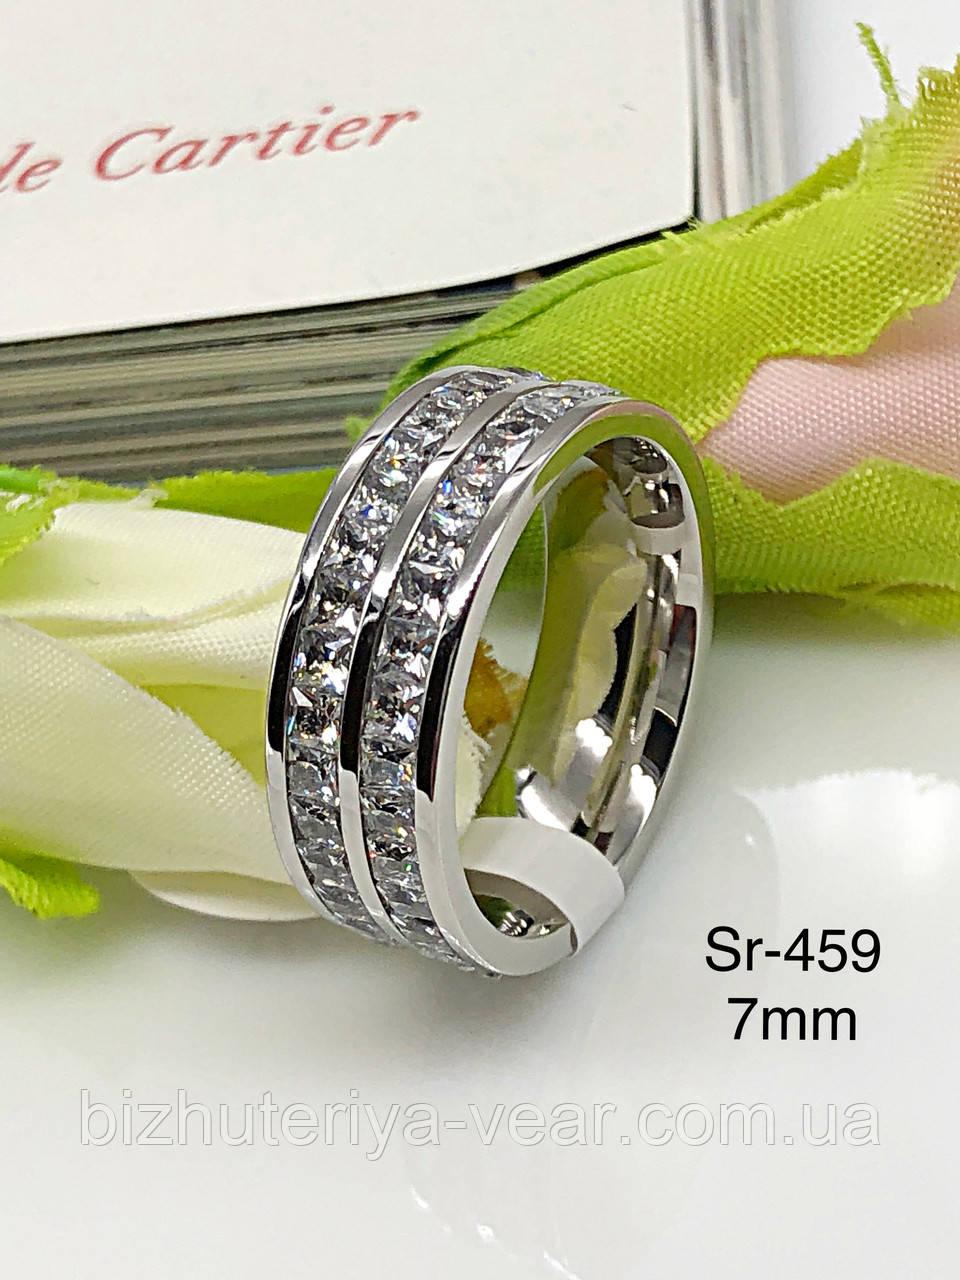 Кольцо Sr-459(7)